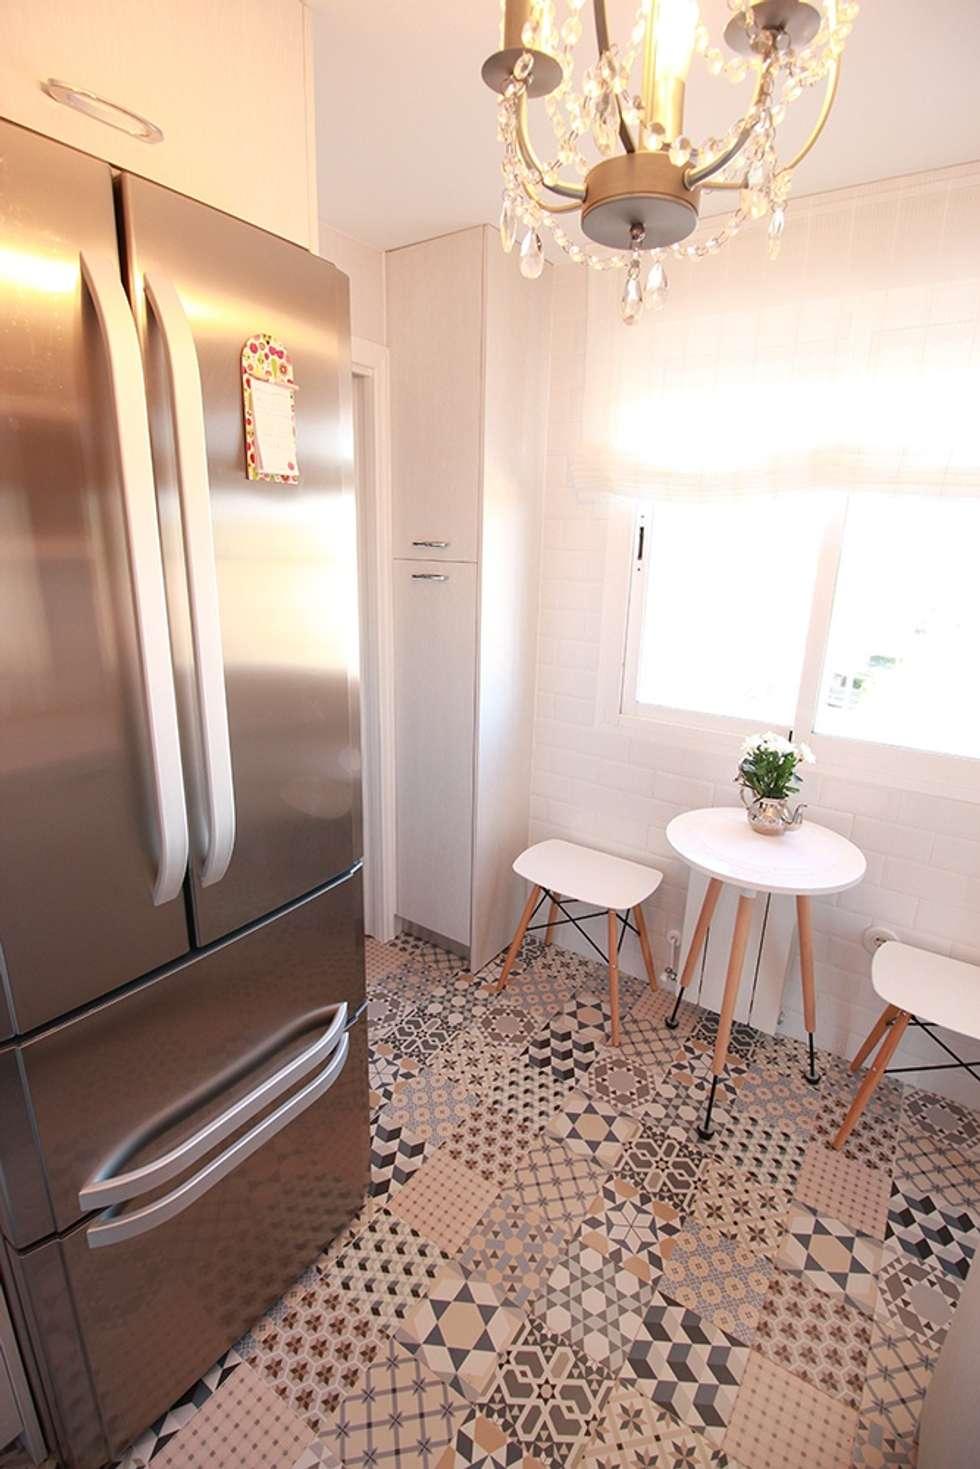 Fotos de decoraci n y dise o de interiores homify for Mesa redonda para cocina pequena